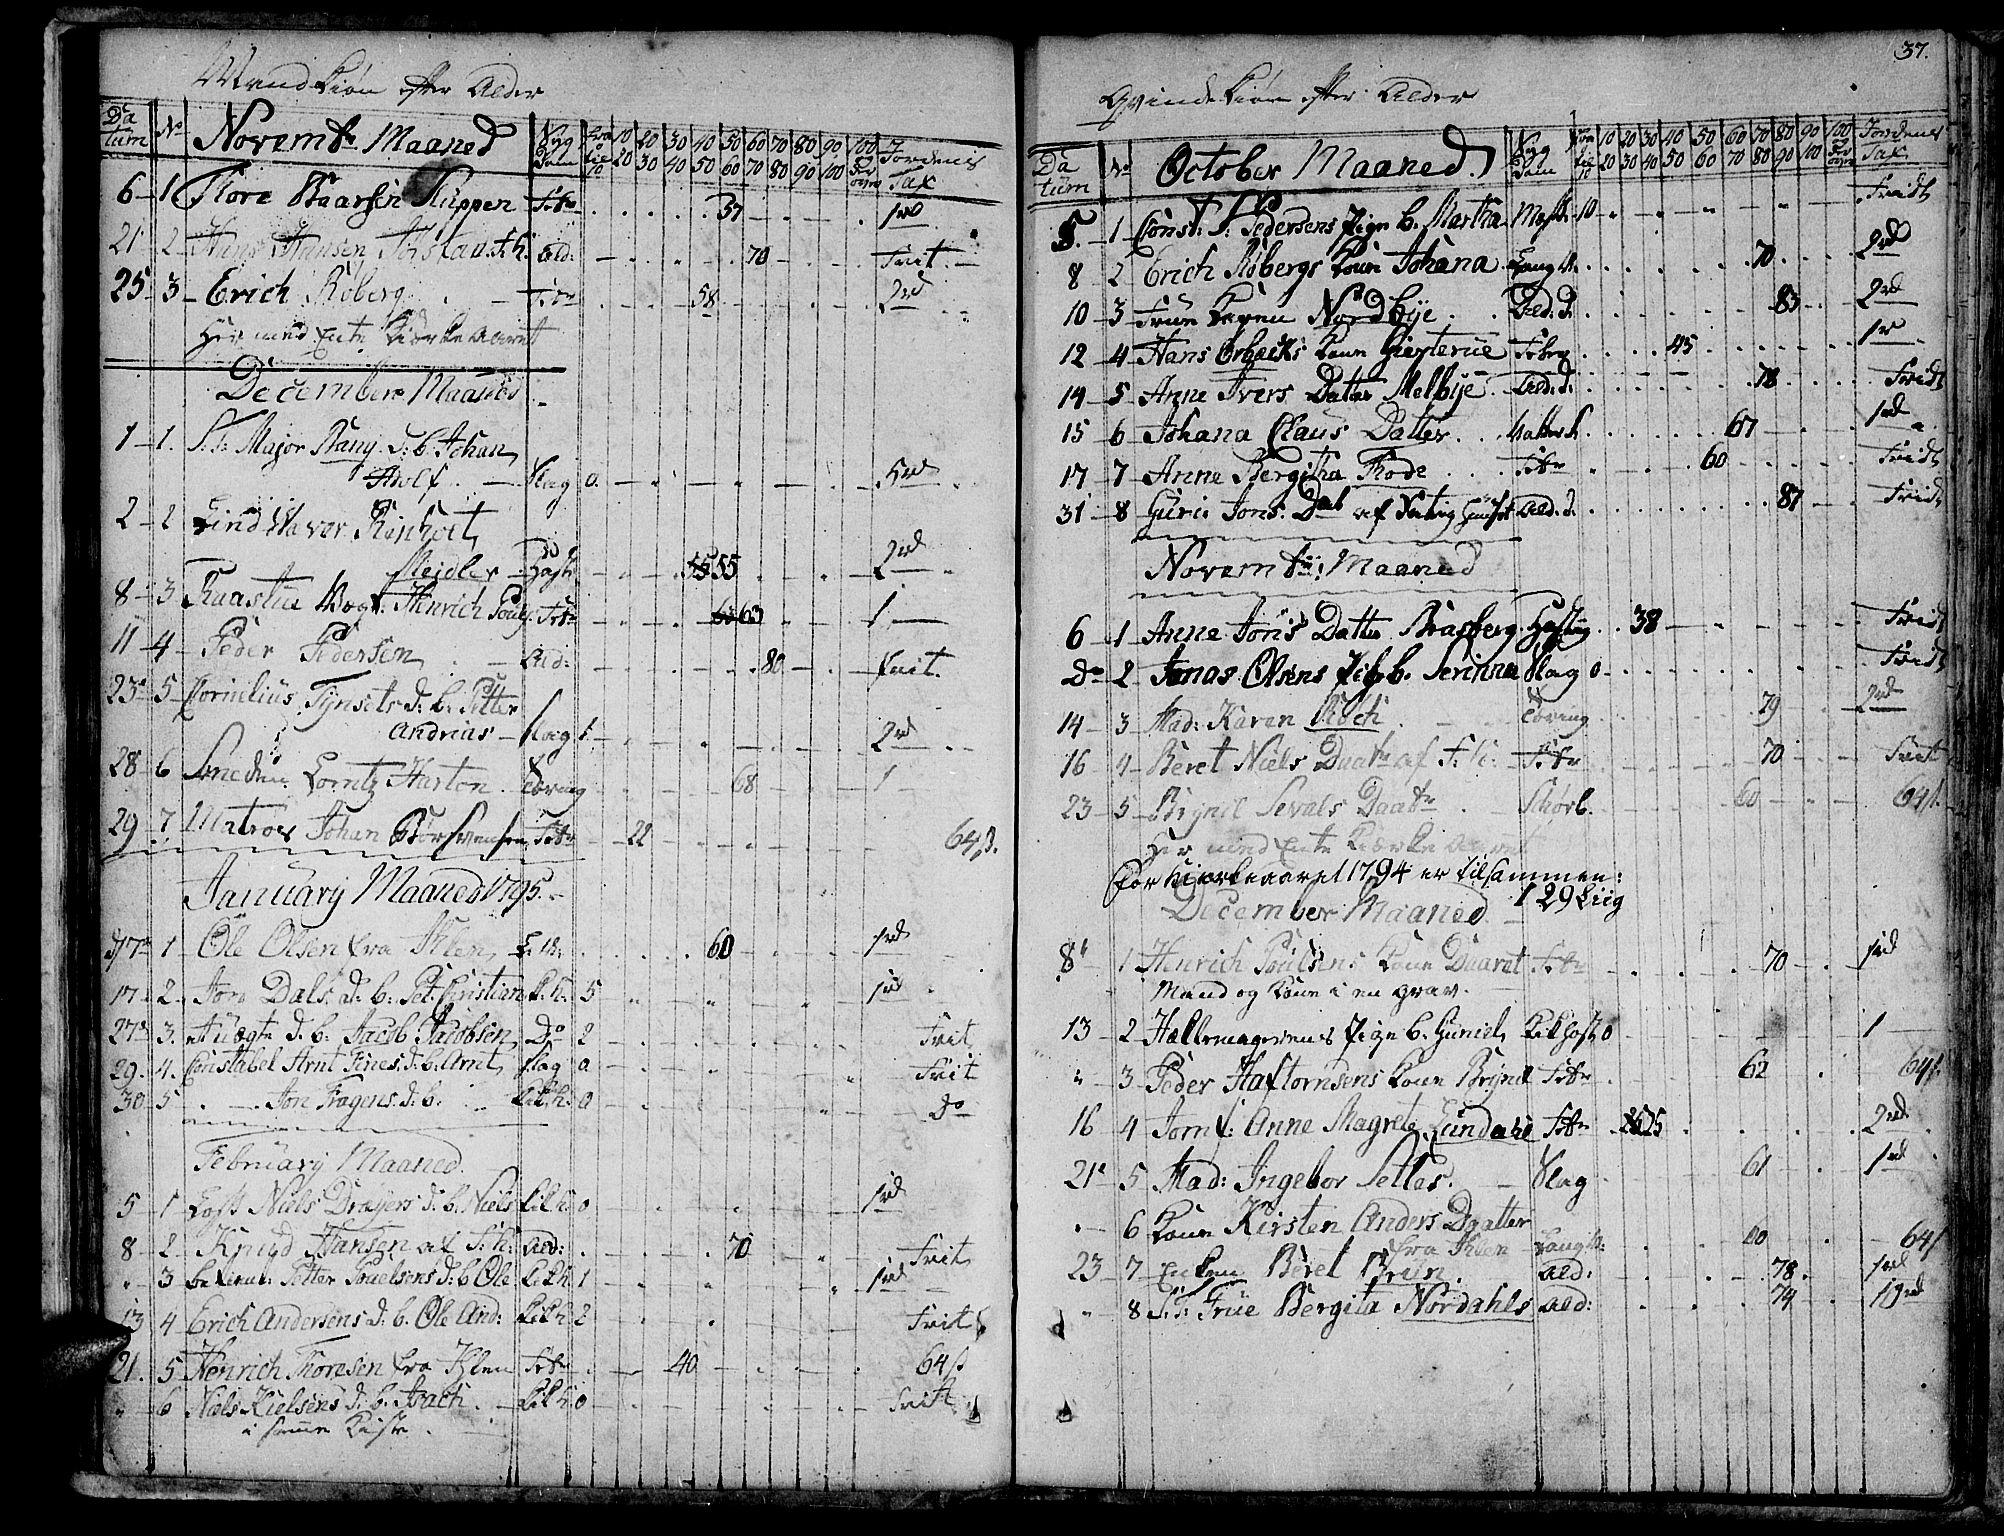 SAT, Ministerialprotokoller, klokkerbøker og fødselsregistre - Sør-Trøndelag, 601/L0040: Ministerialbok nr. 601A08, 1783-1818, s. 37